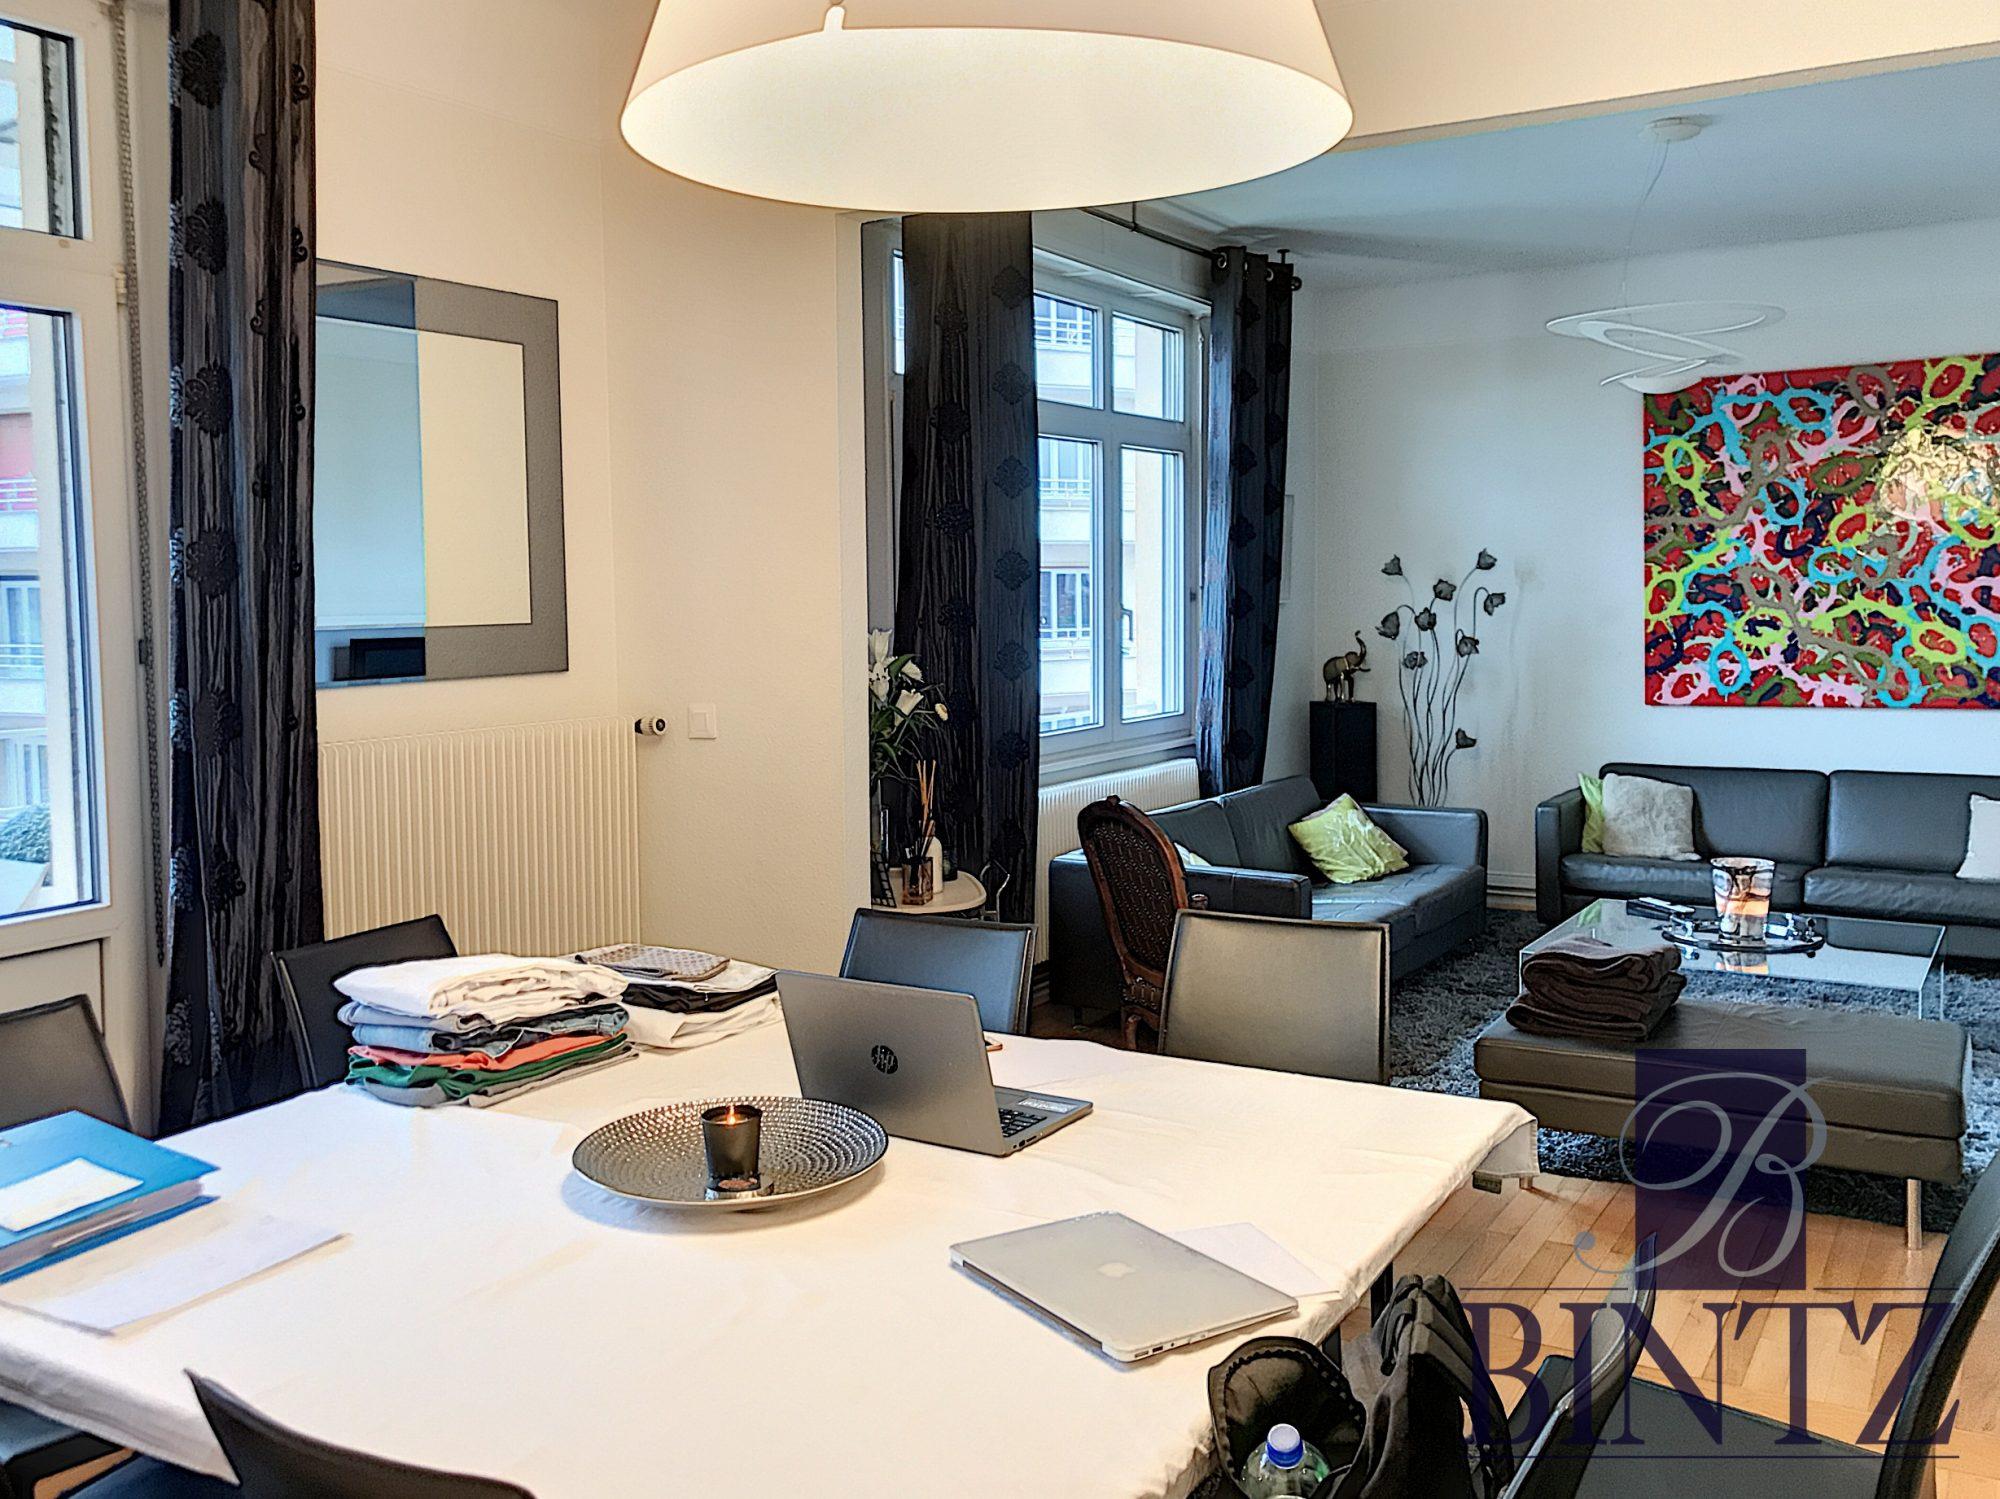 Très beau 8 pièces à l'Orangerie - Devenez locataire en toute sérénité - Bintz Immobilier - 2